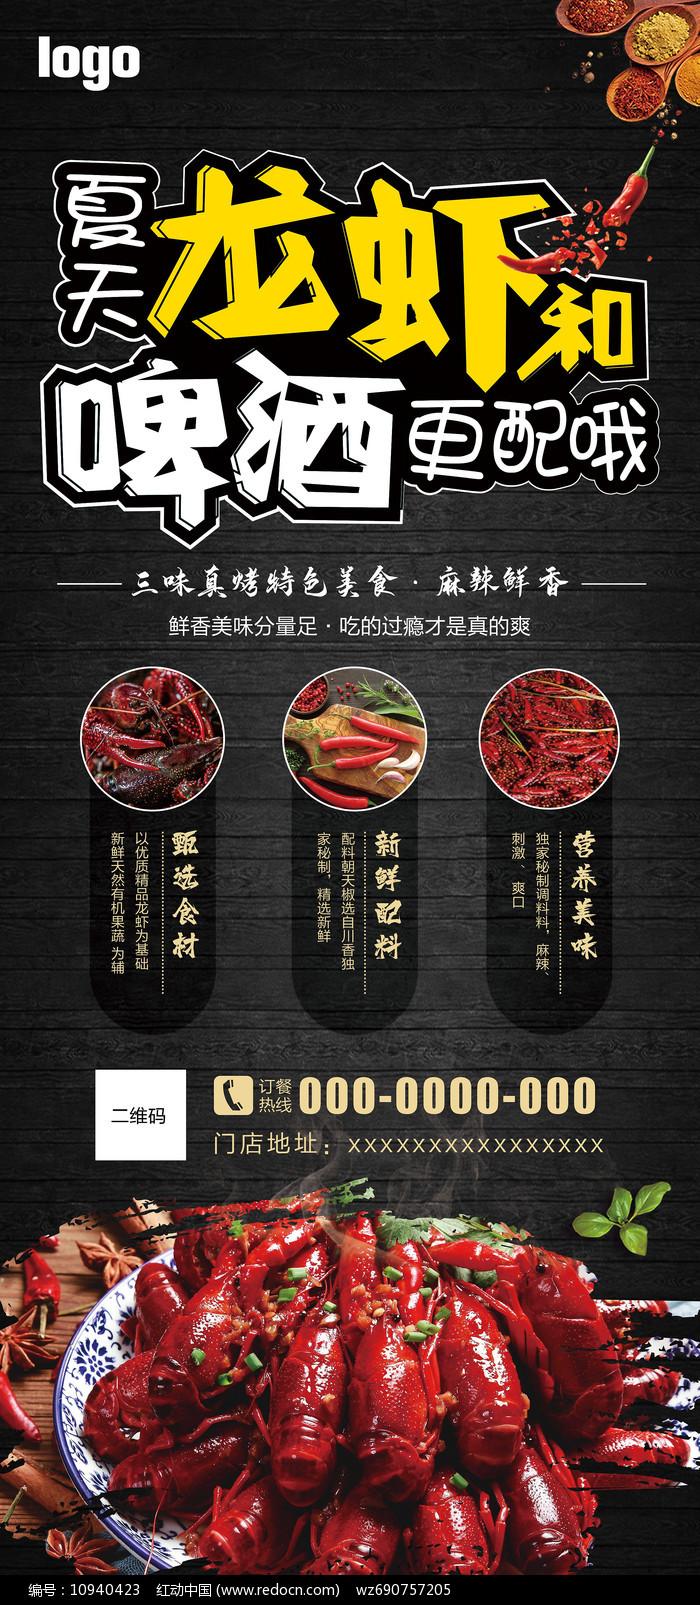 原创美食麻辣小龙虾展架图片